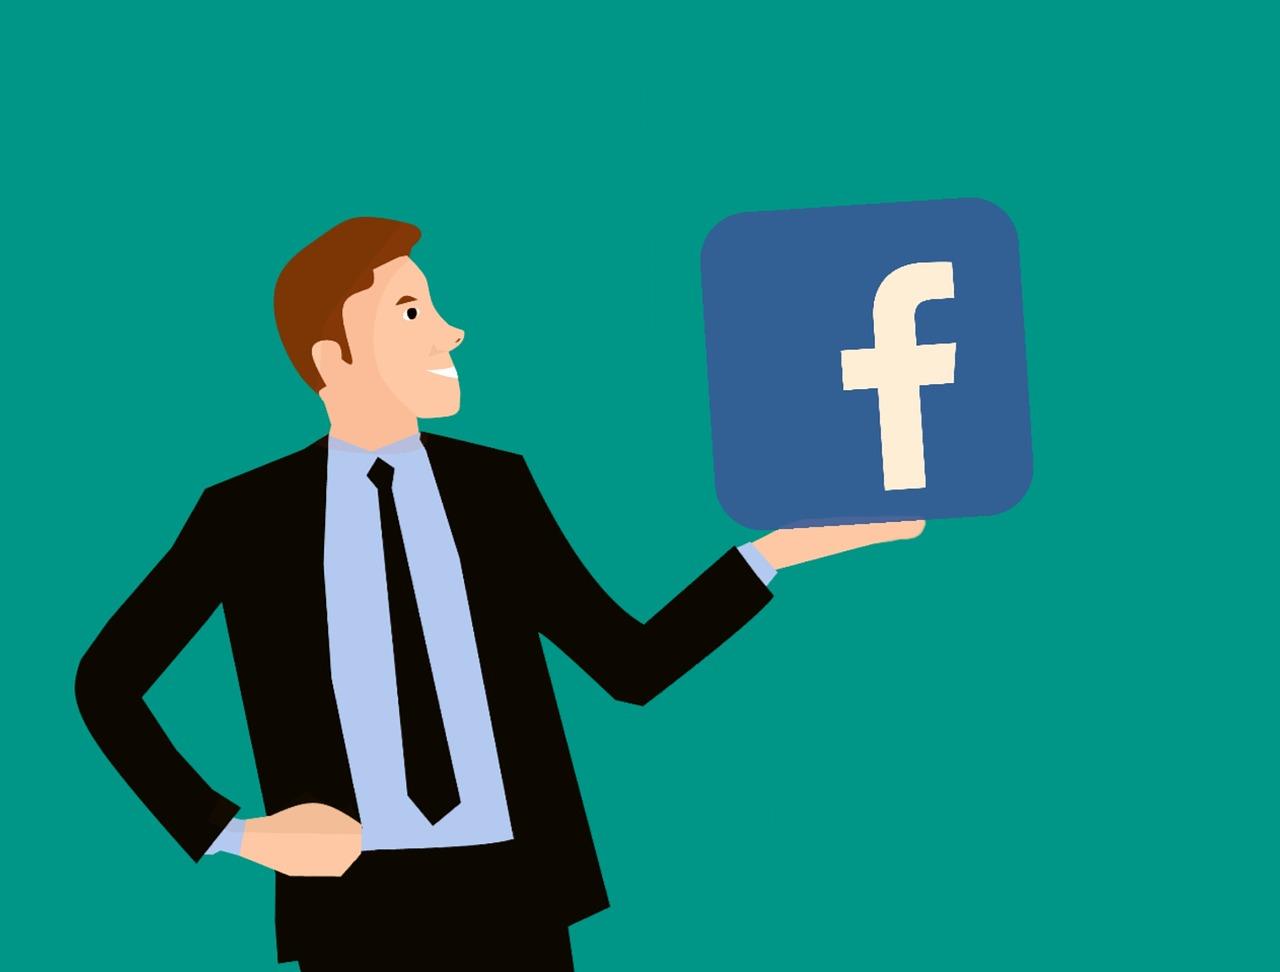 עמוד עסקי בפייסבוק